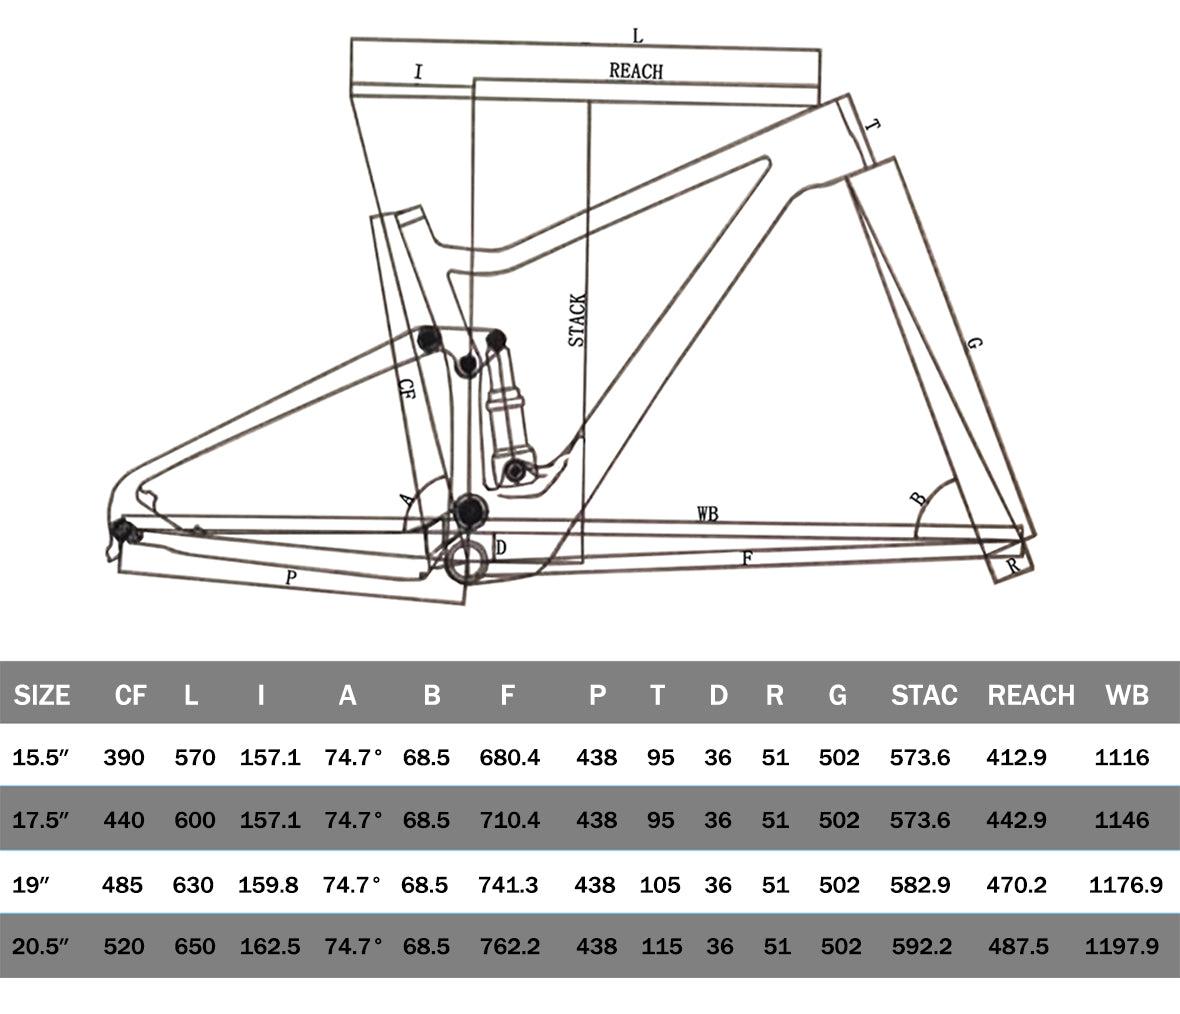 MFM100 Suspension MTB Frame Size Details